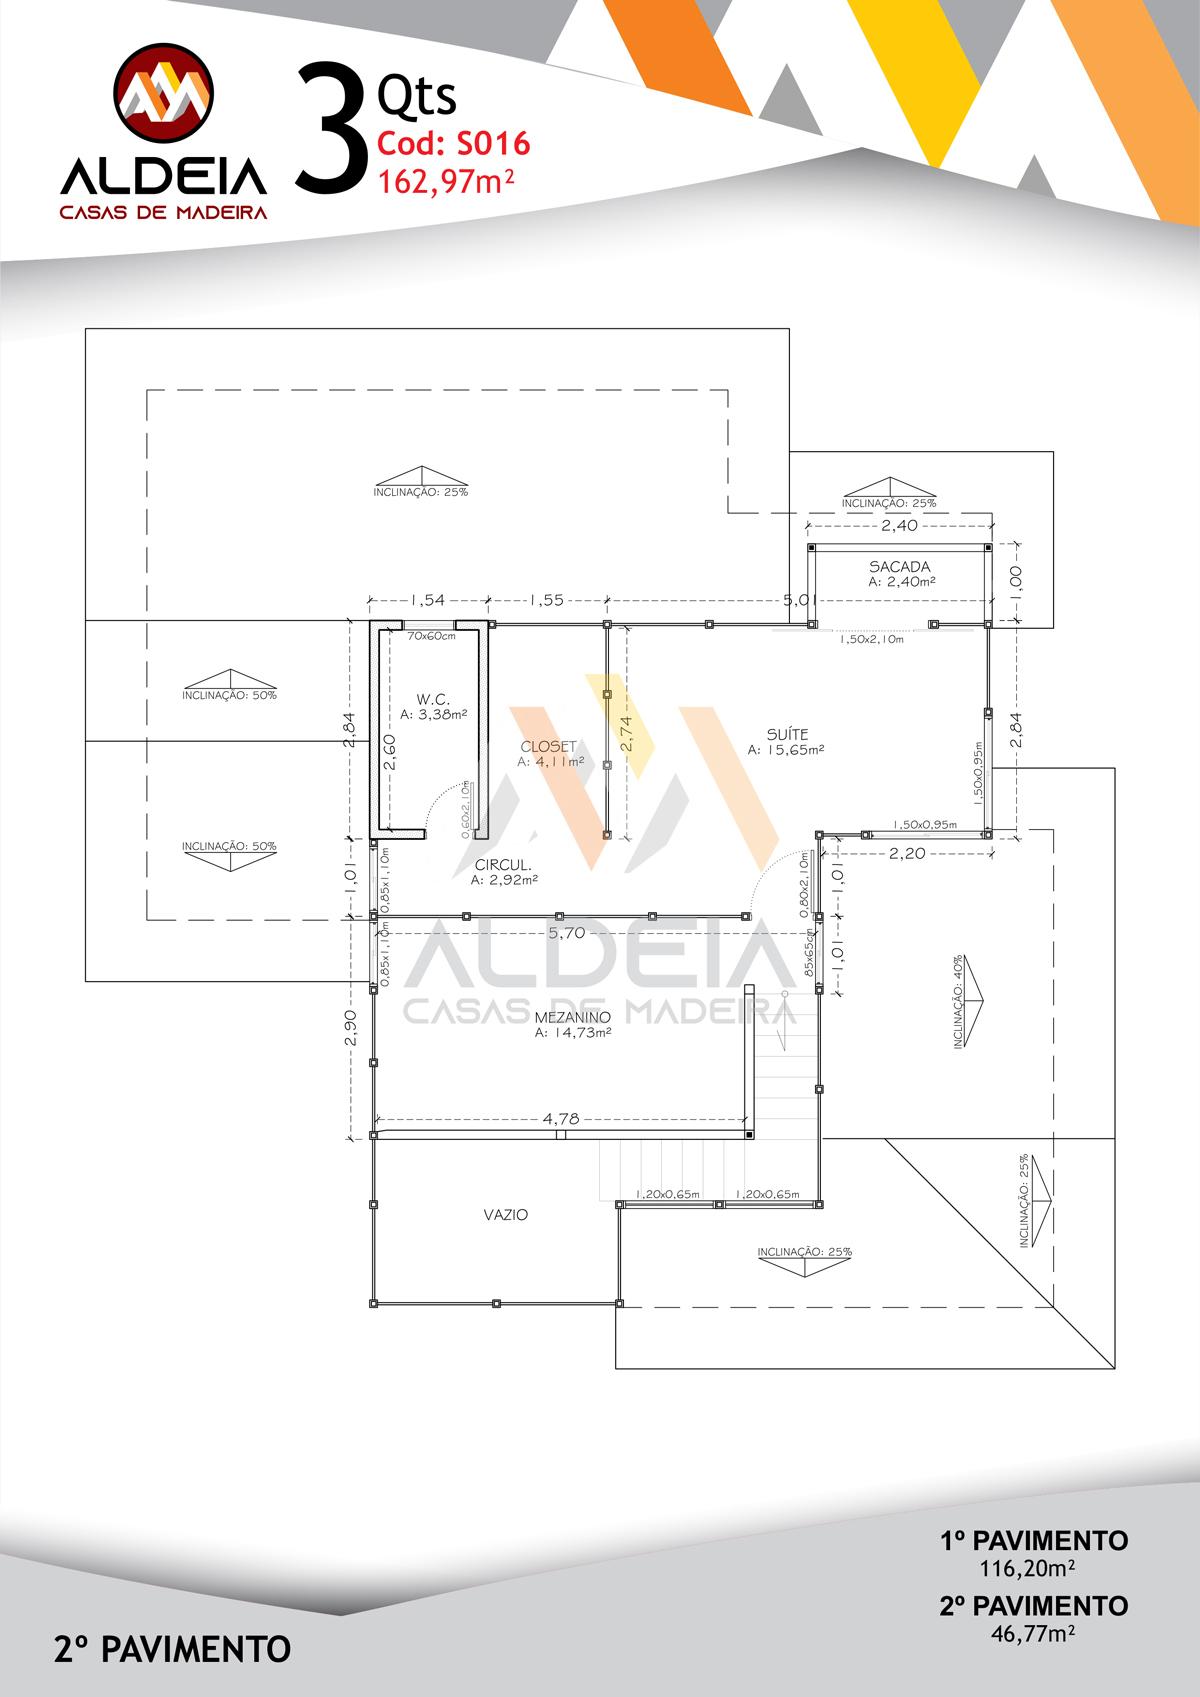 aldeia-casas-madeira-arquitetura-S016-2